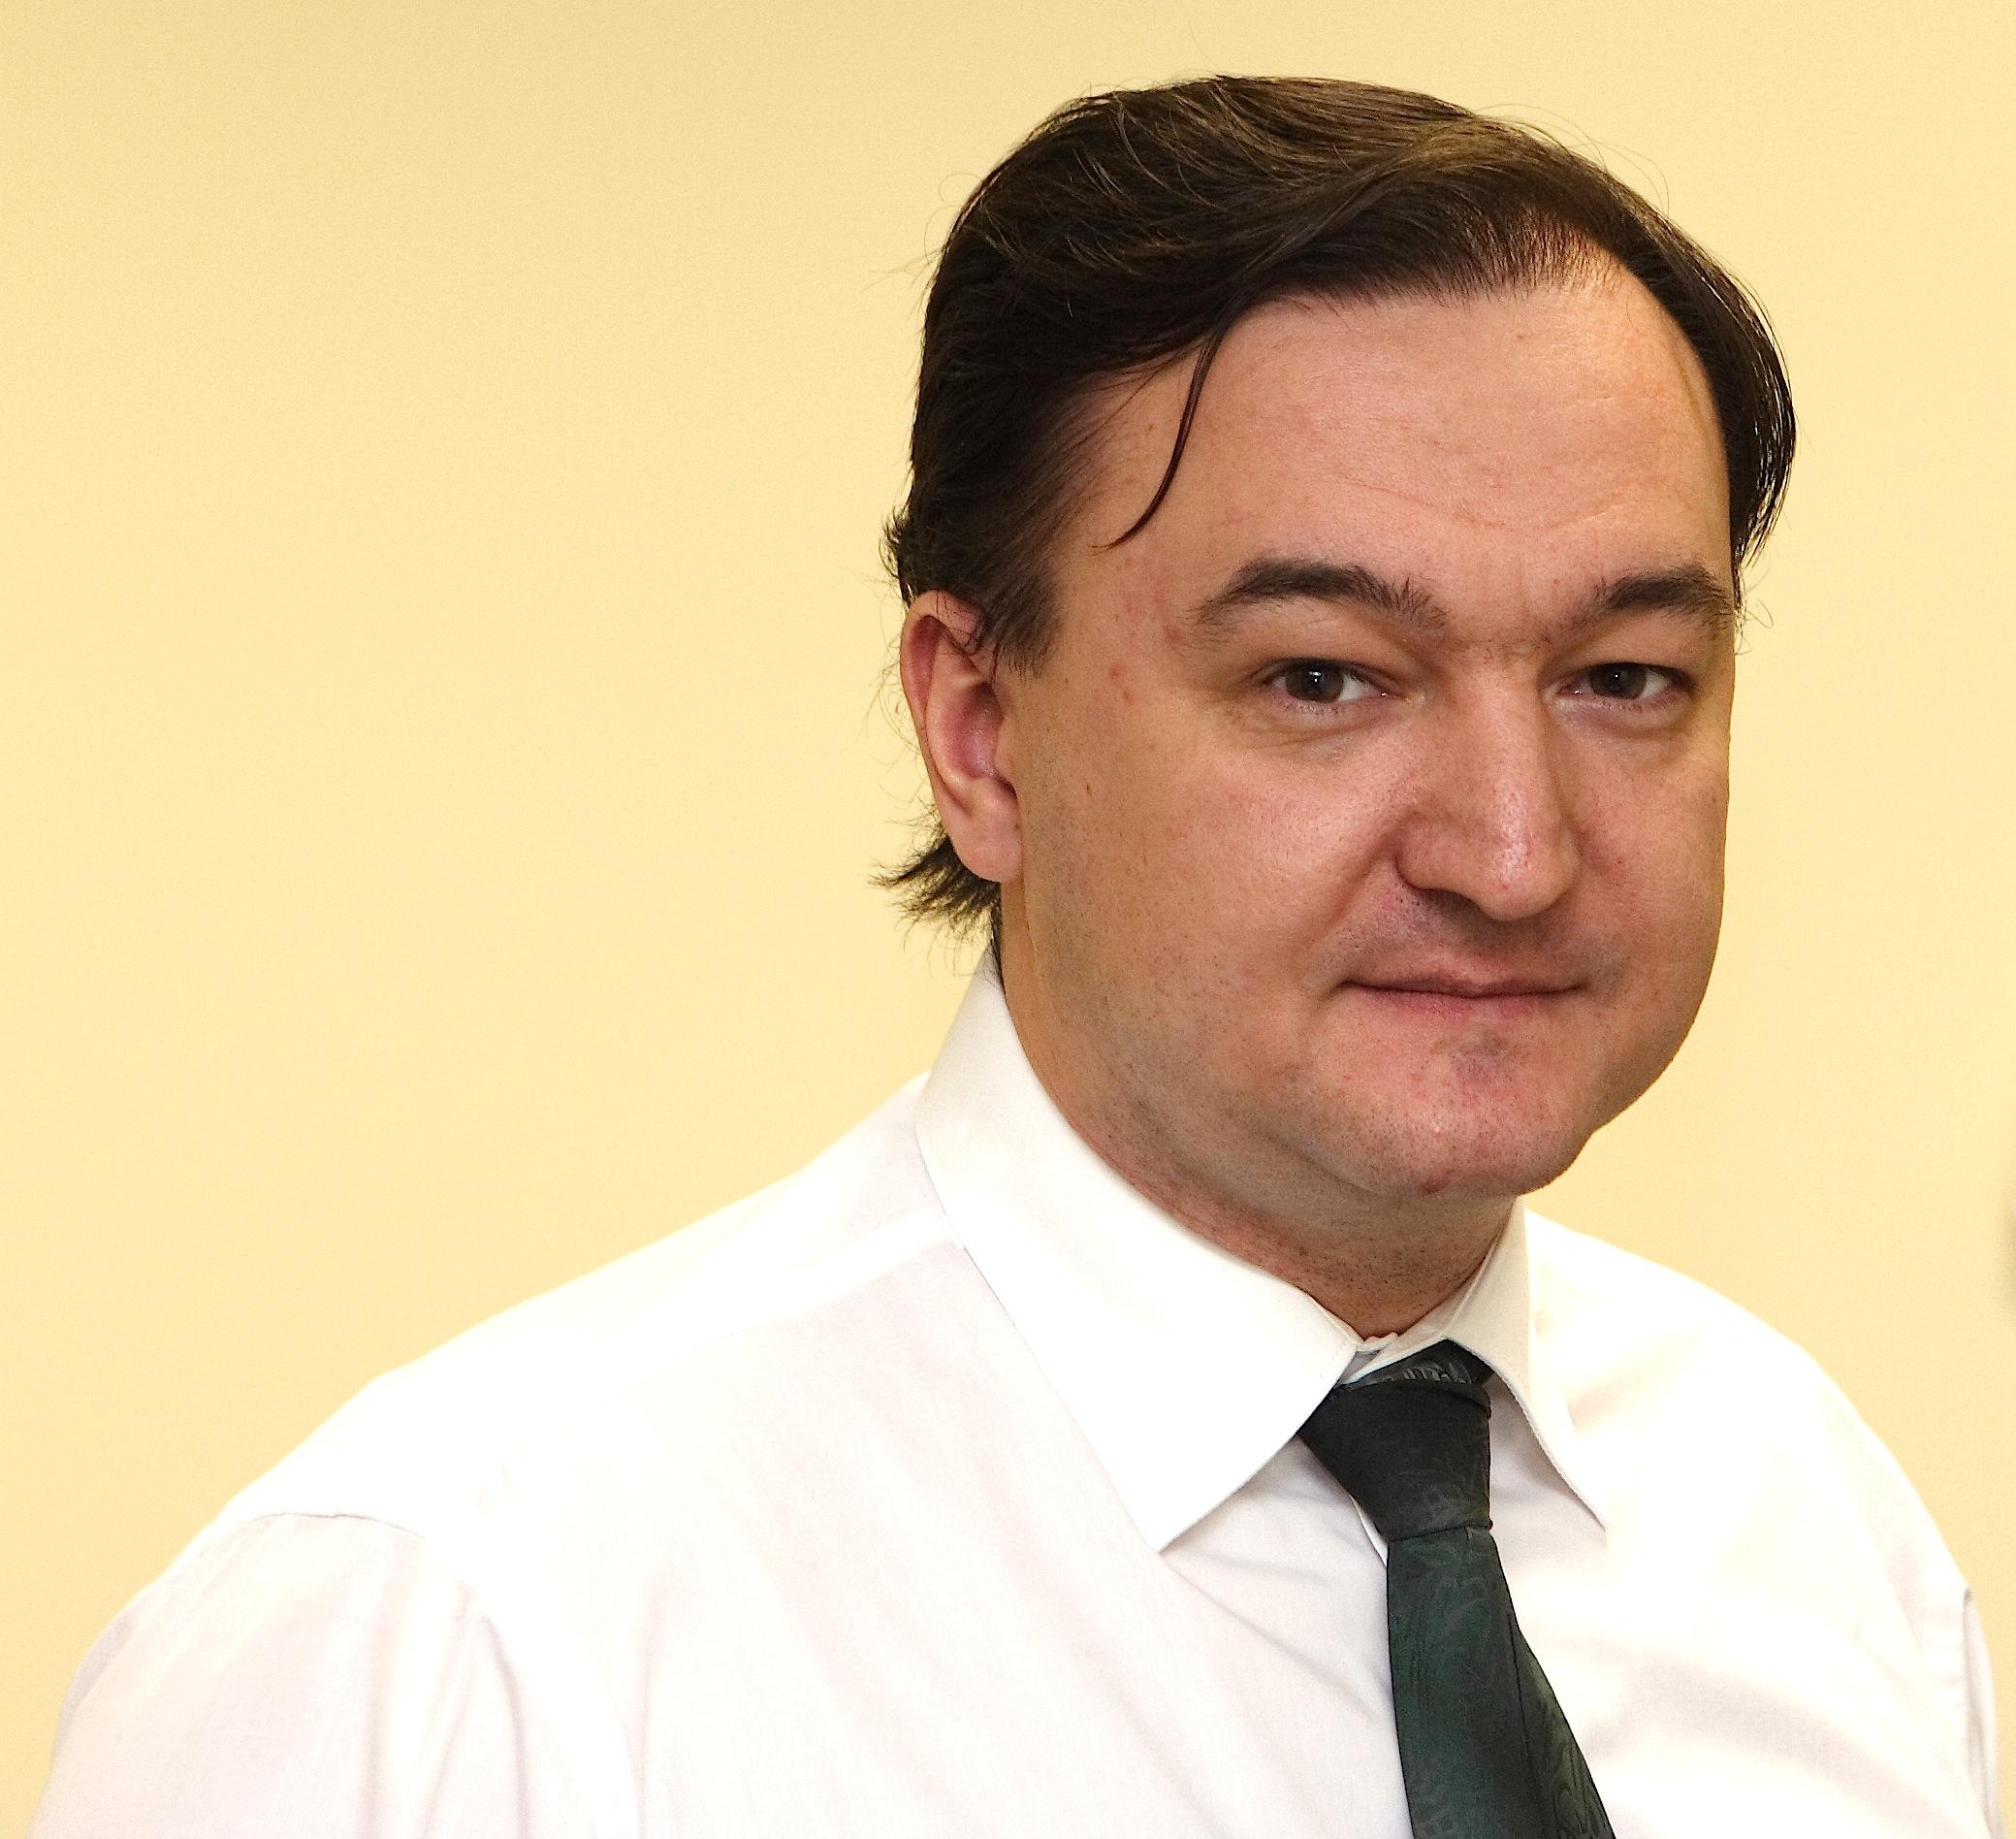 File:Sergei Magnitsky.jpg